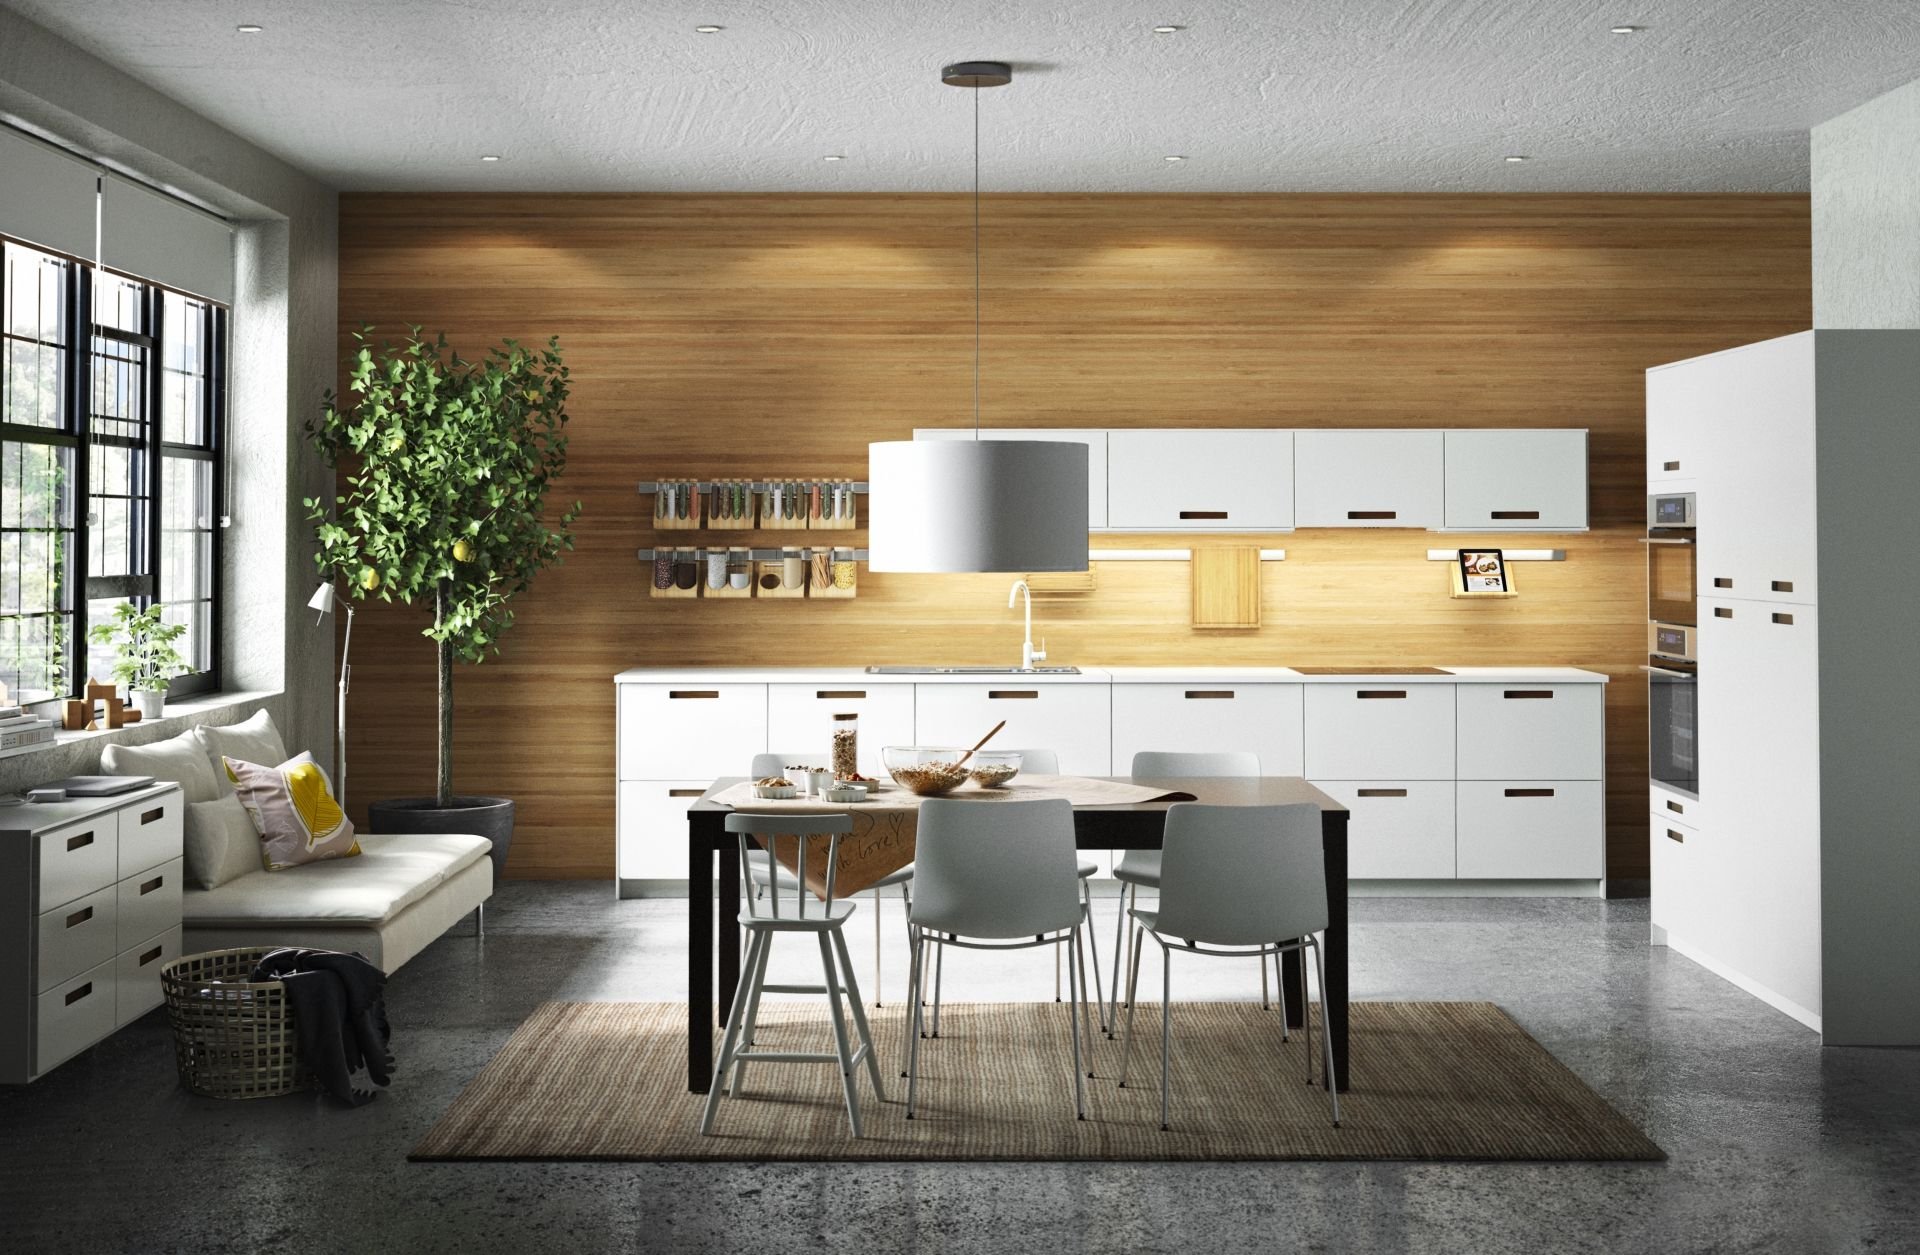 Keuken Diy Opbergen : Keuken opbergers cheap keuken ikea plaatsen kleine opbergers